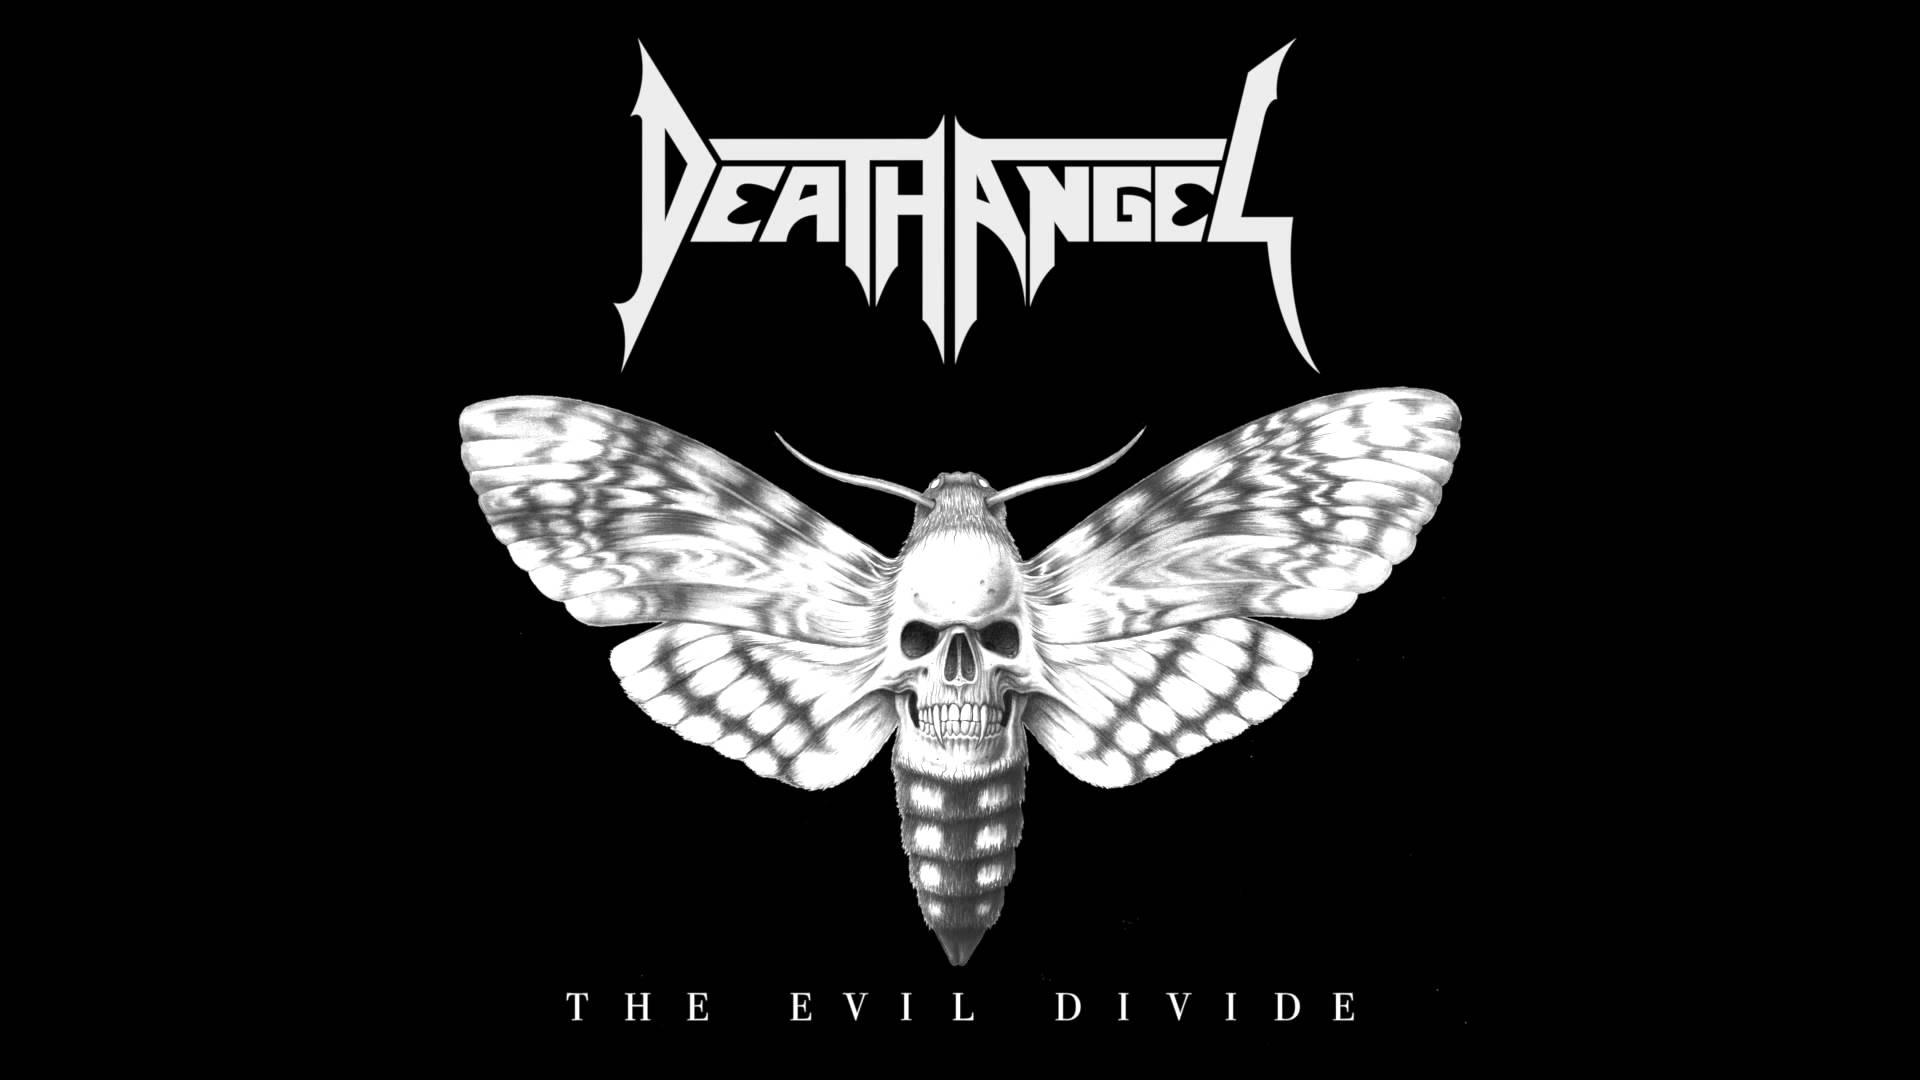 death angel-the evil divide